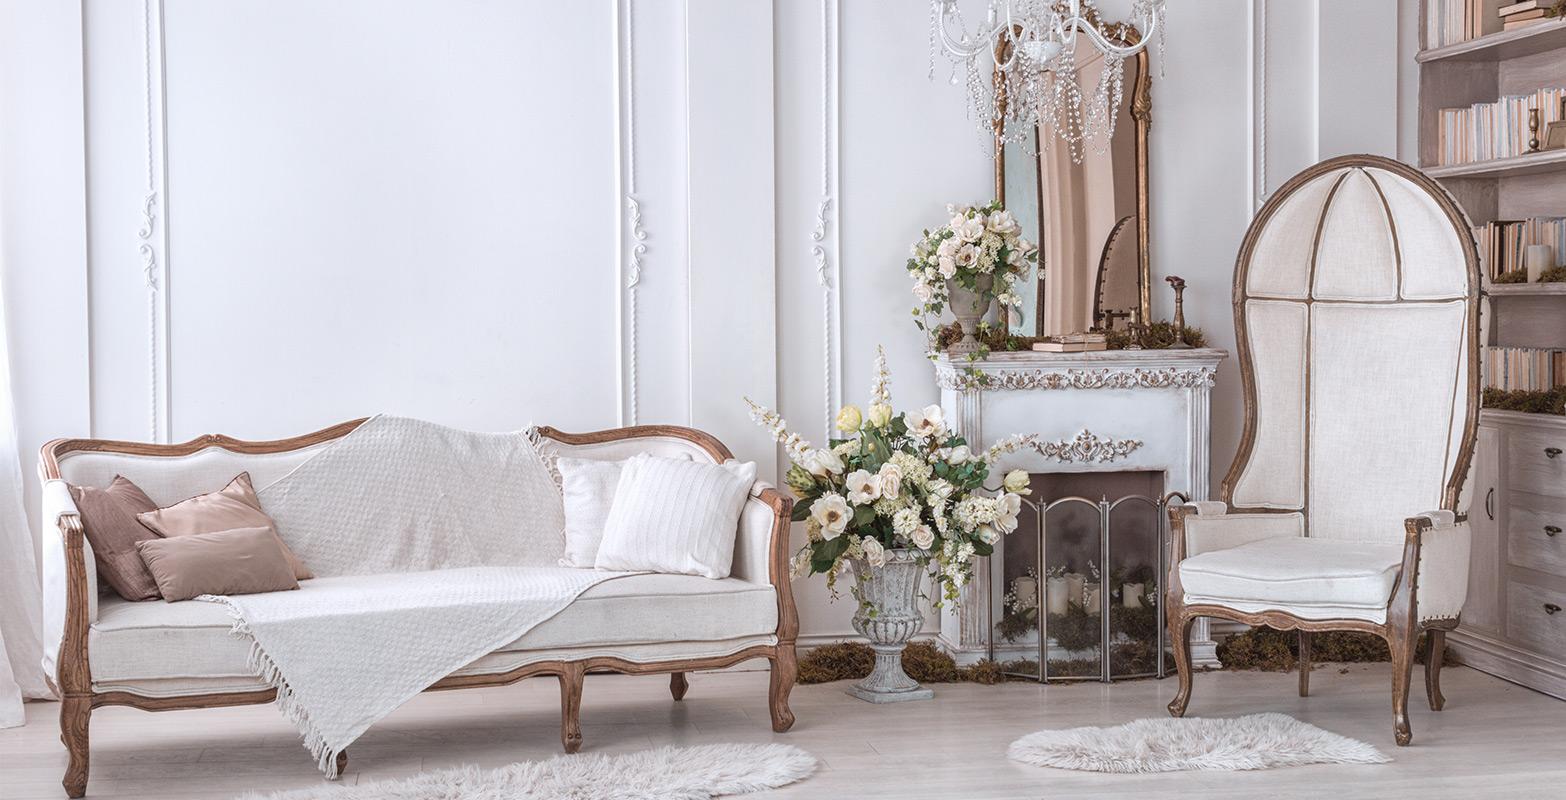 Front shot of a living room set